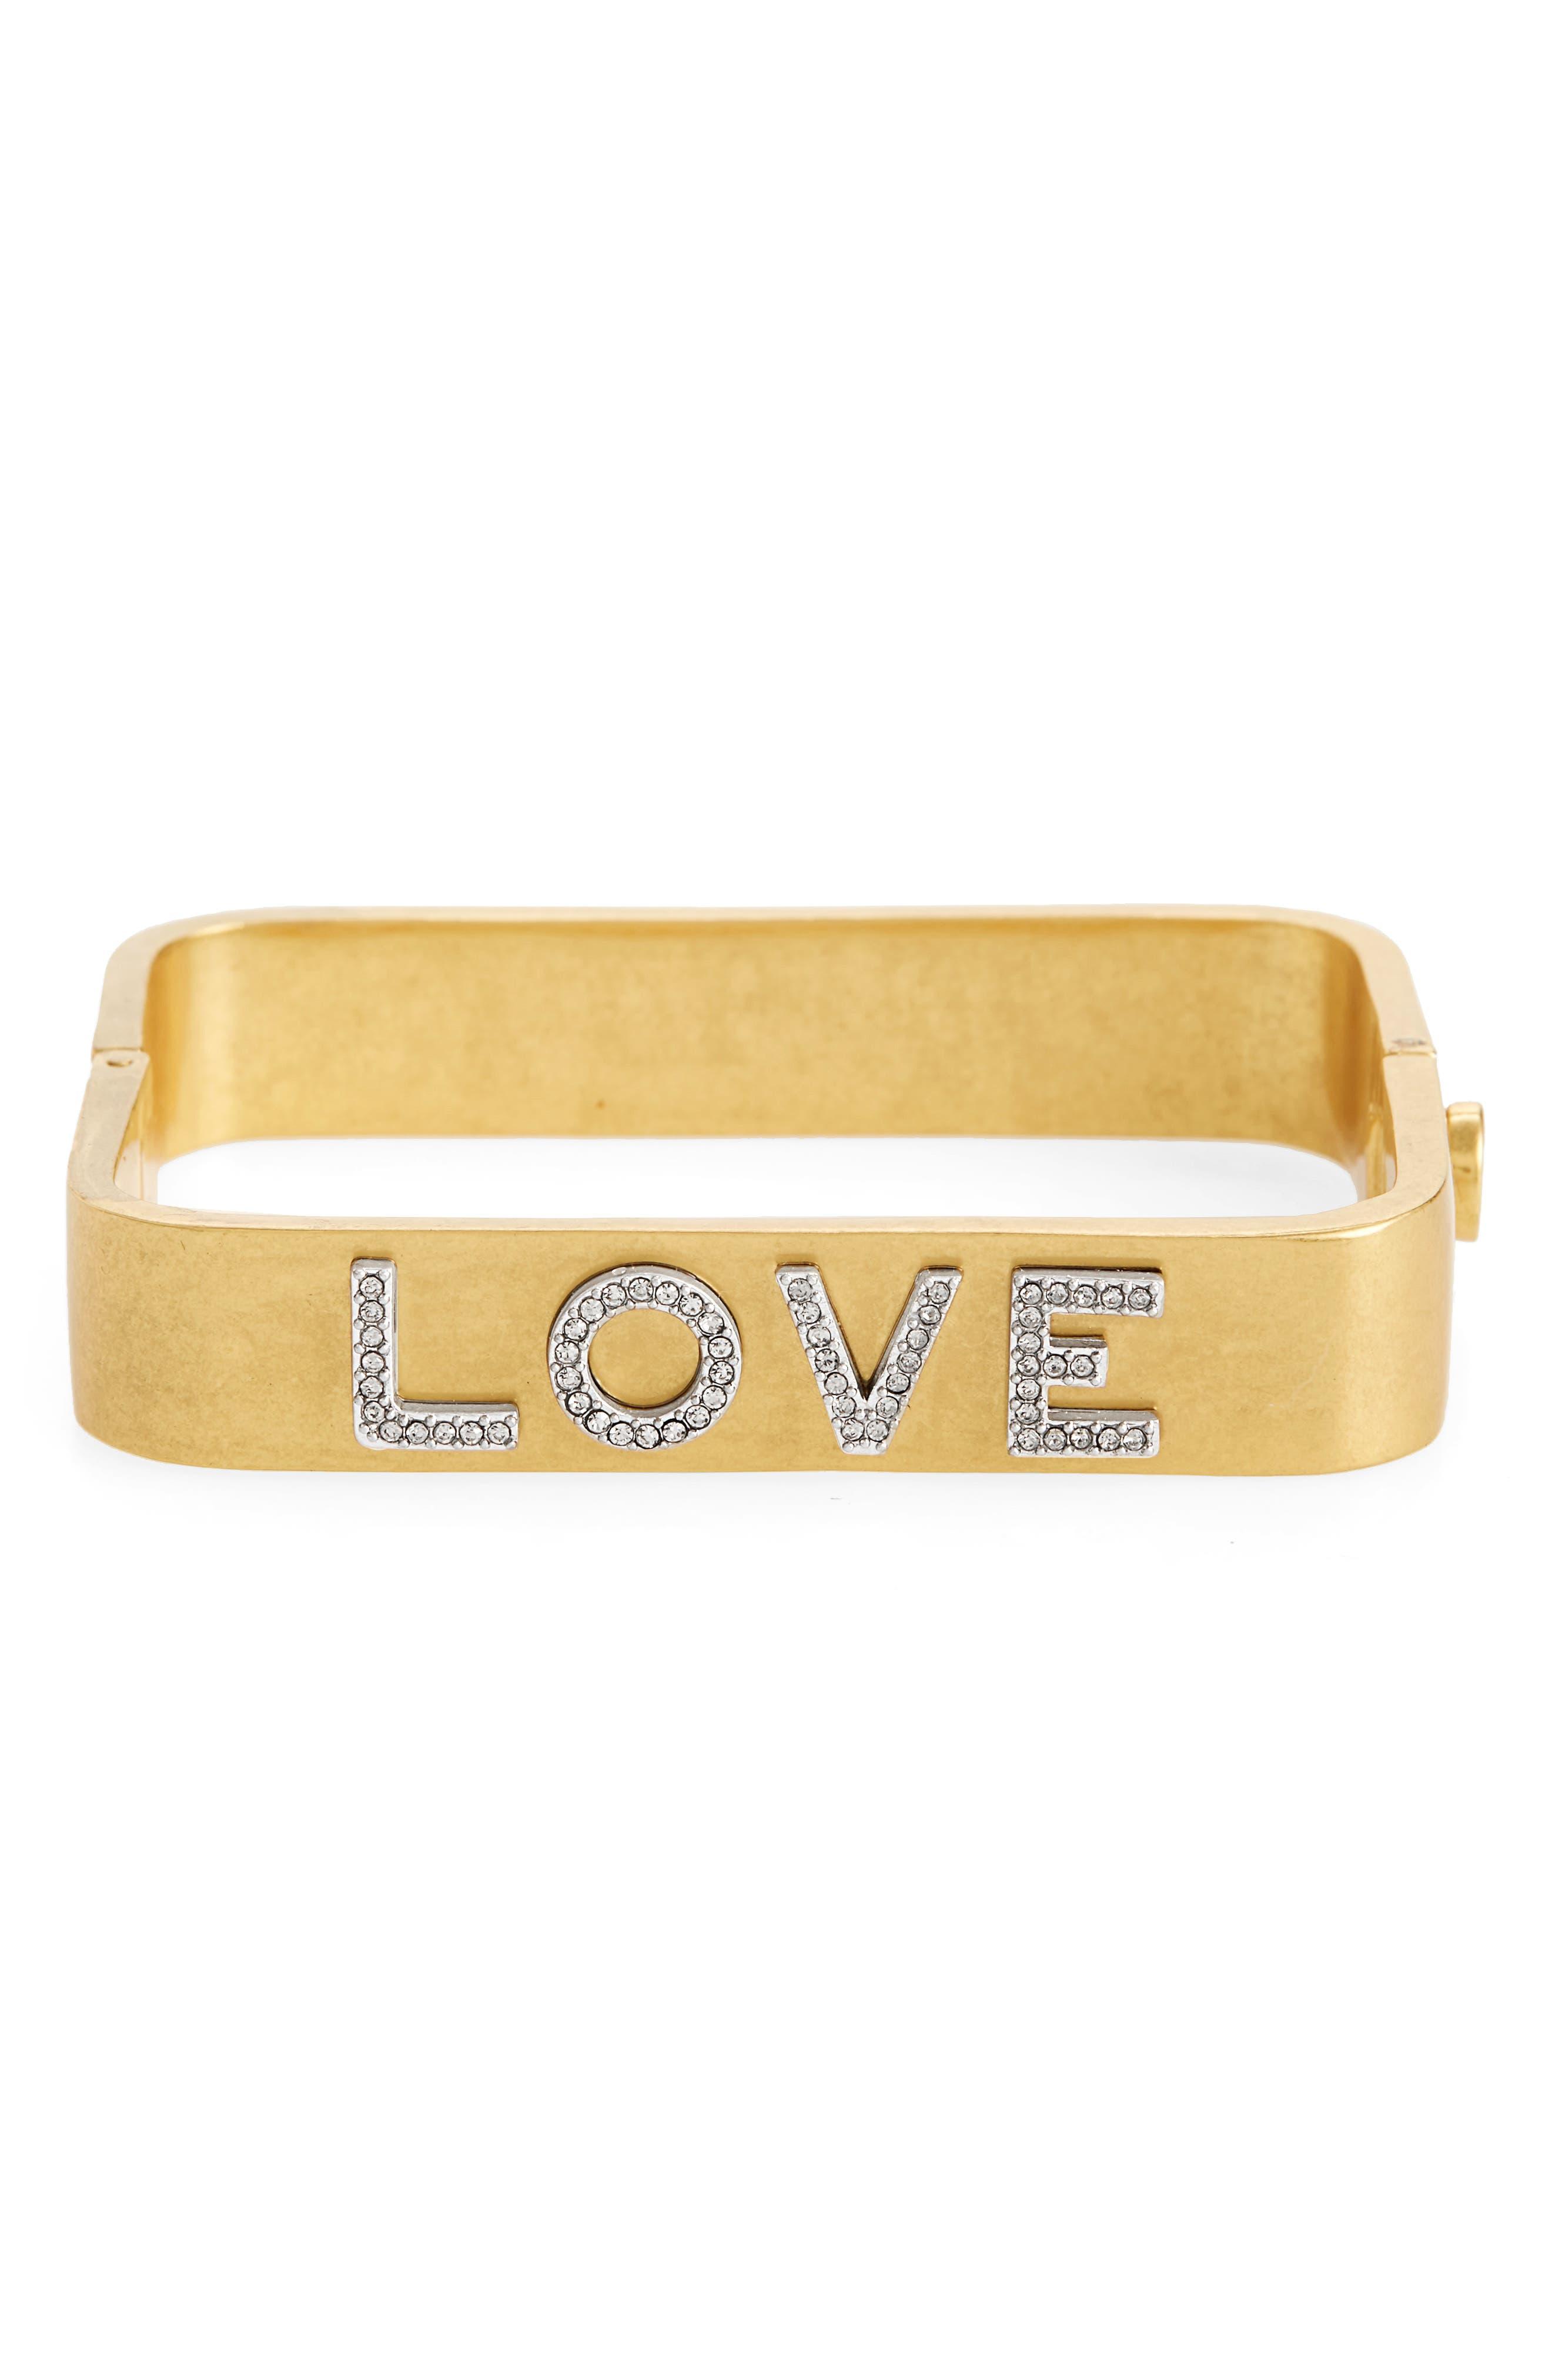 Tory Burch Love Message Rectangular Bracelet